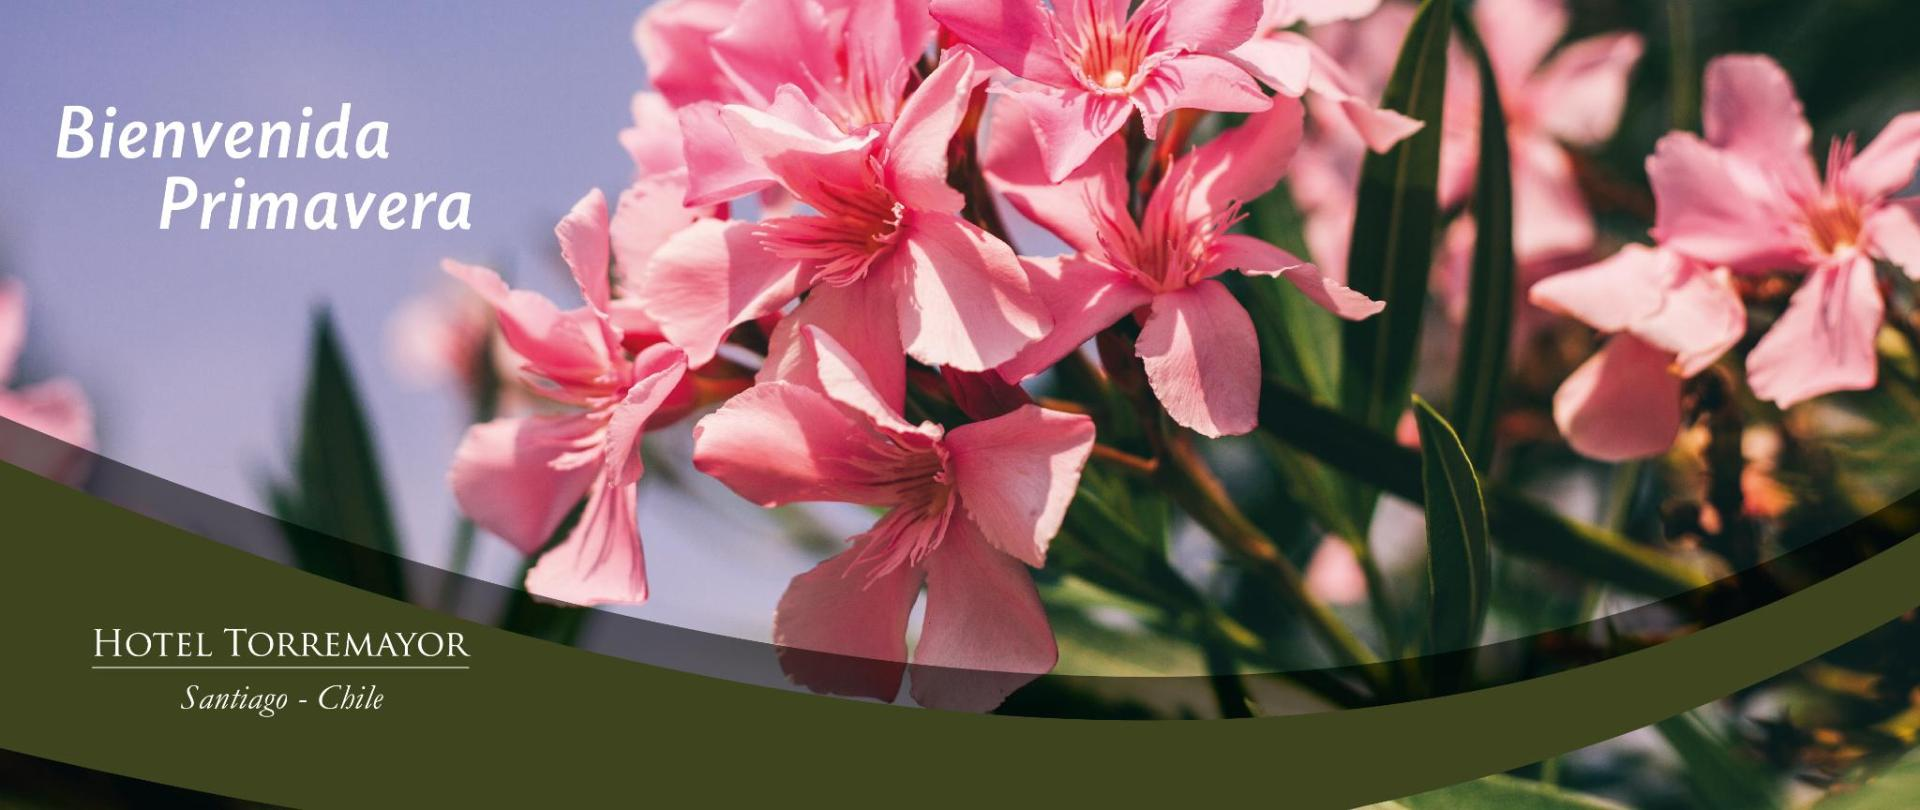 primavera-web-lyon.jpg